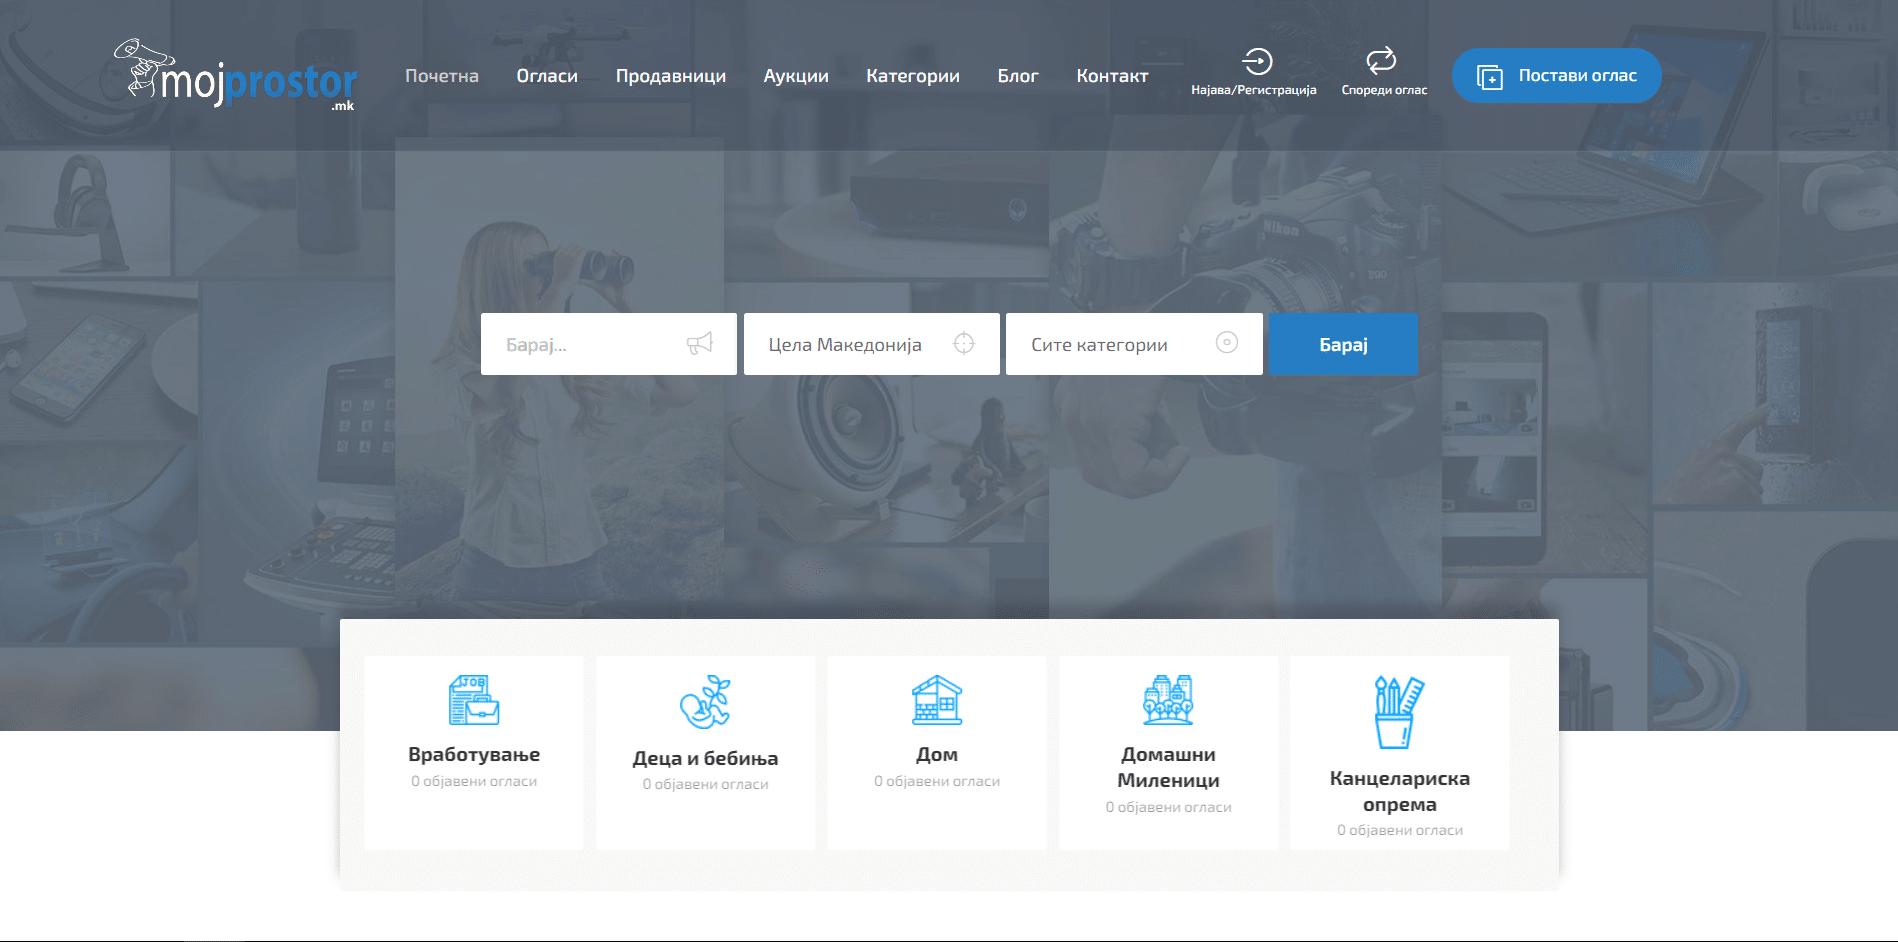 Изработка на вебсајтови